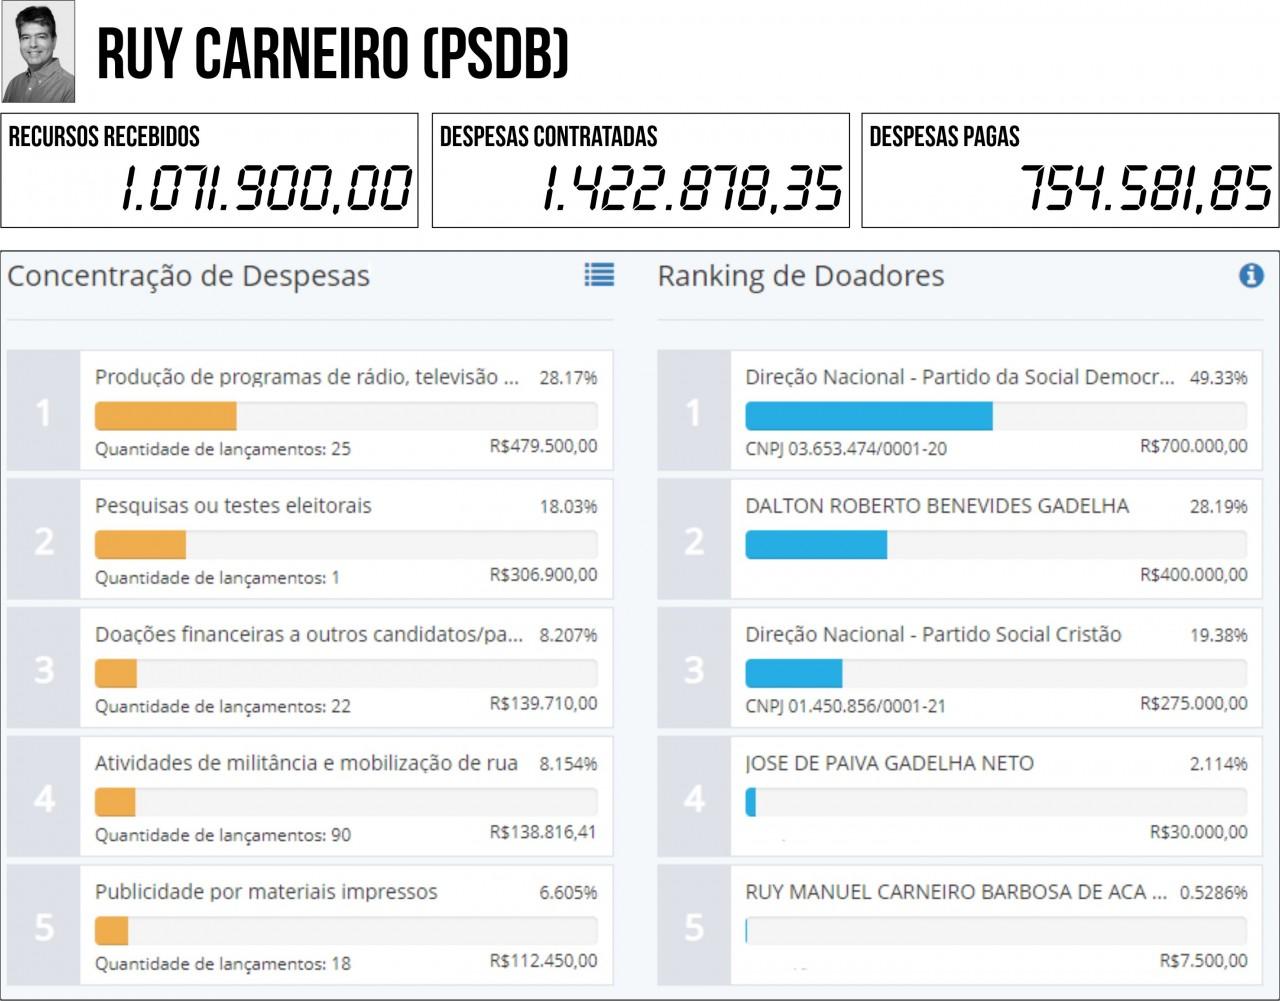 RUY CARNEIRO PSDB - 2ª PRESTAÇÃO DE CONTAS: Seis candidatos à PMJP gastaram mais do que arrecadaram - VEJA QUEM SÃO